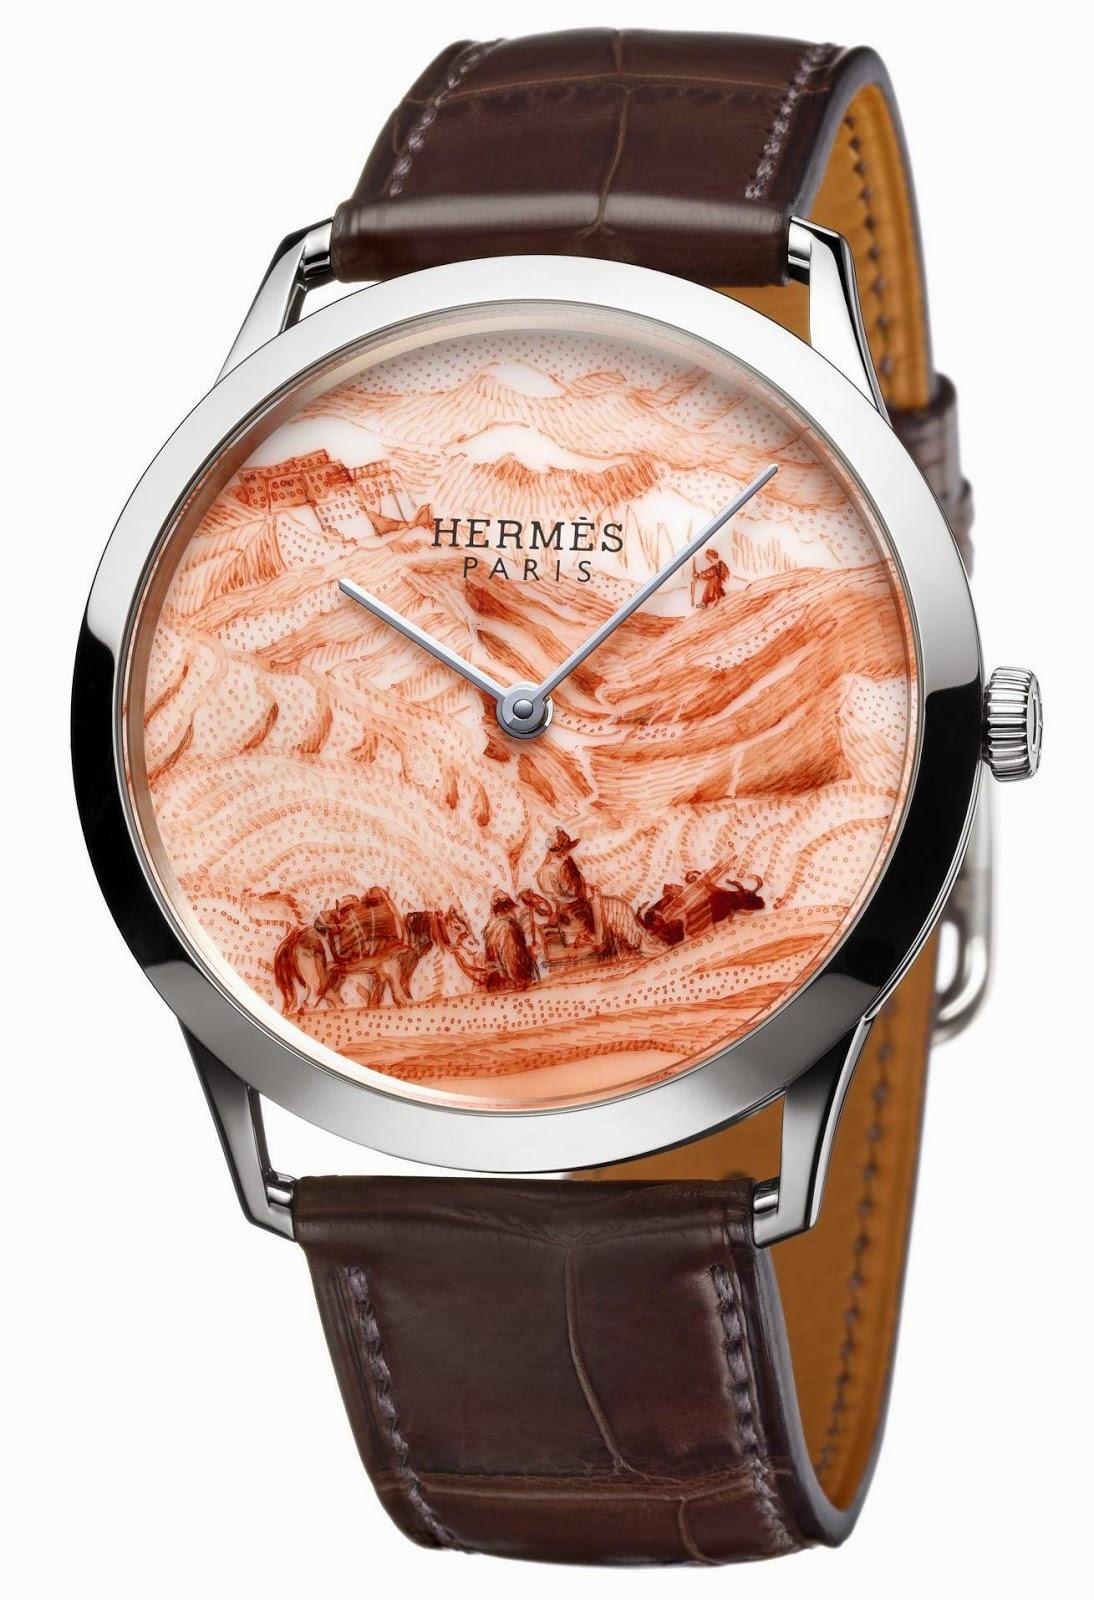 HERMÈS – Slim d'Hermès La femme aux semelles de vent Limited Edition watch with Porcelain dial from the French Manufacture Nationale de Sèvres